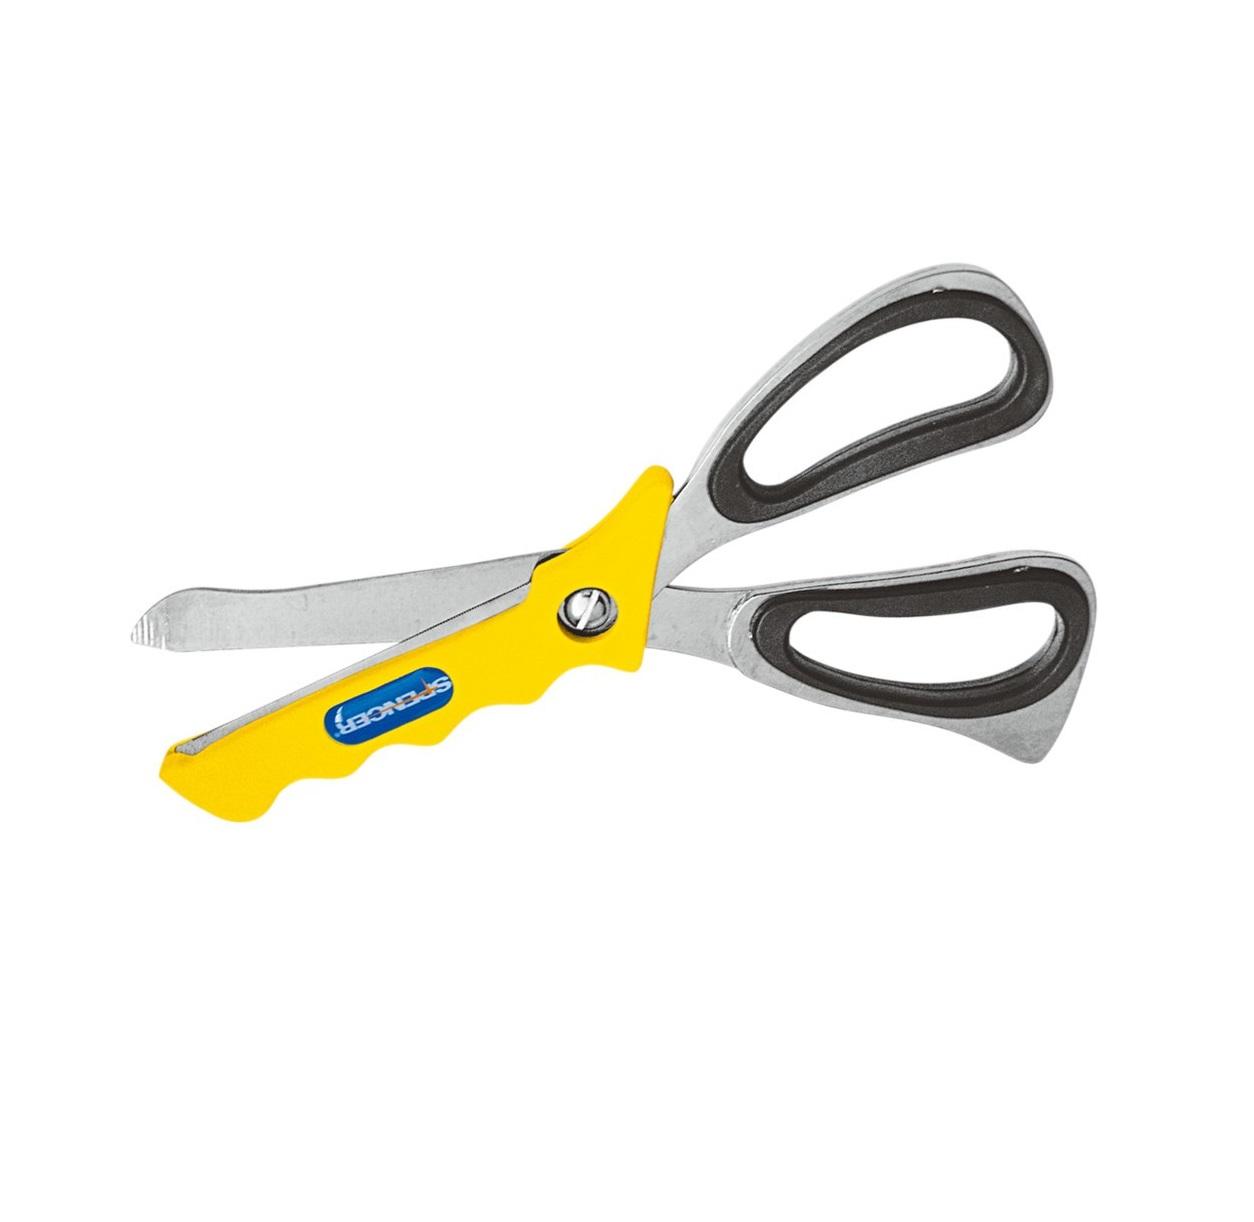 845c446084 Záchranářské nůžky SPENCER MATCH3